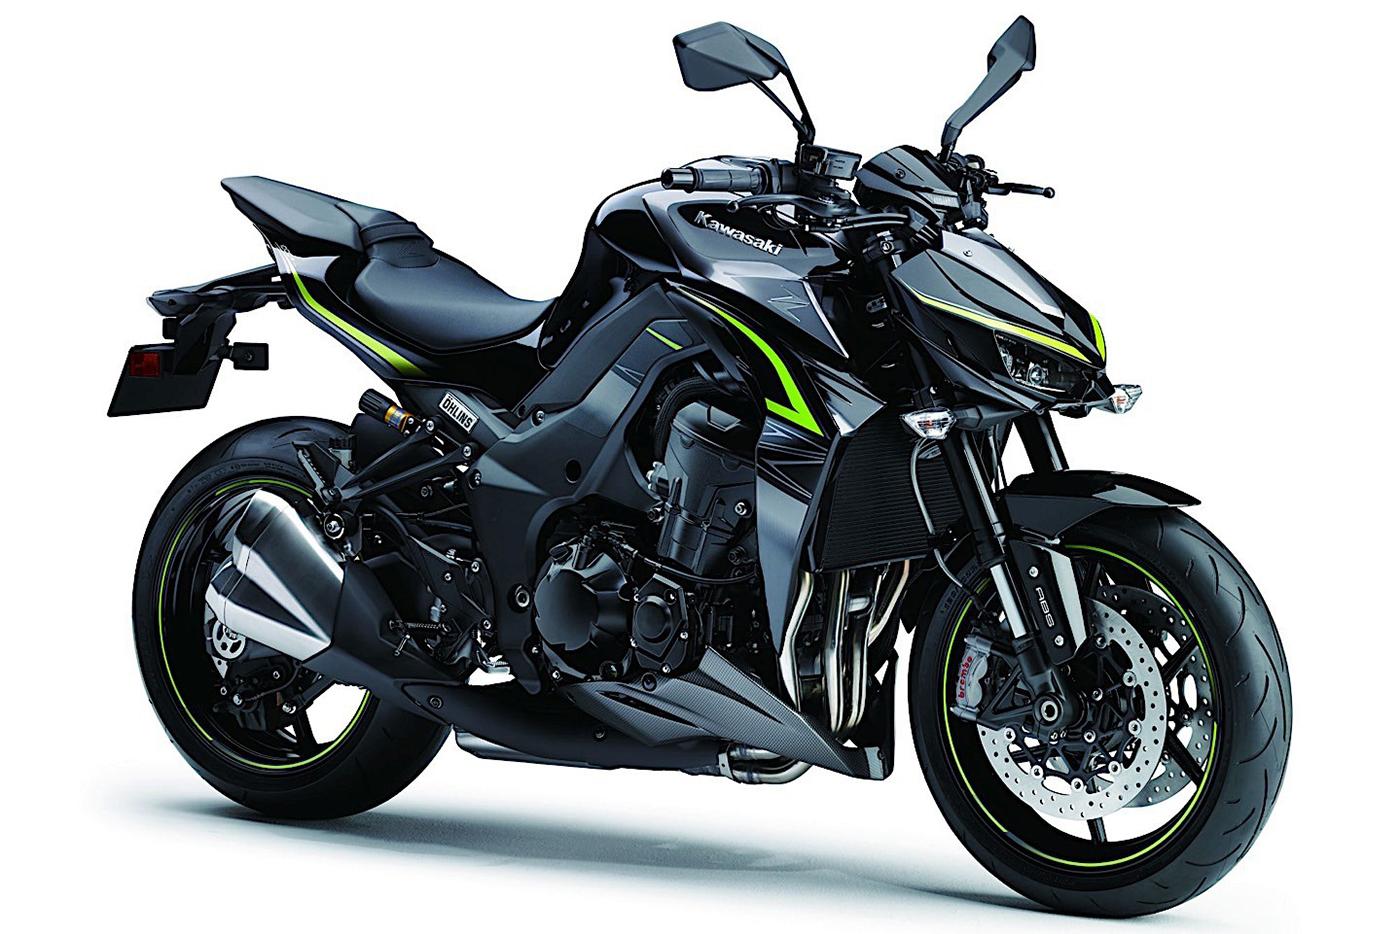 Kawasaki ra mắt tại Việt Nam với 2 bản: Z1000 2017 và Z1000 R Edition 2017 1.jpg